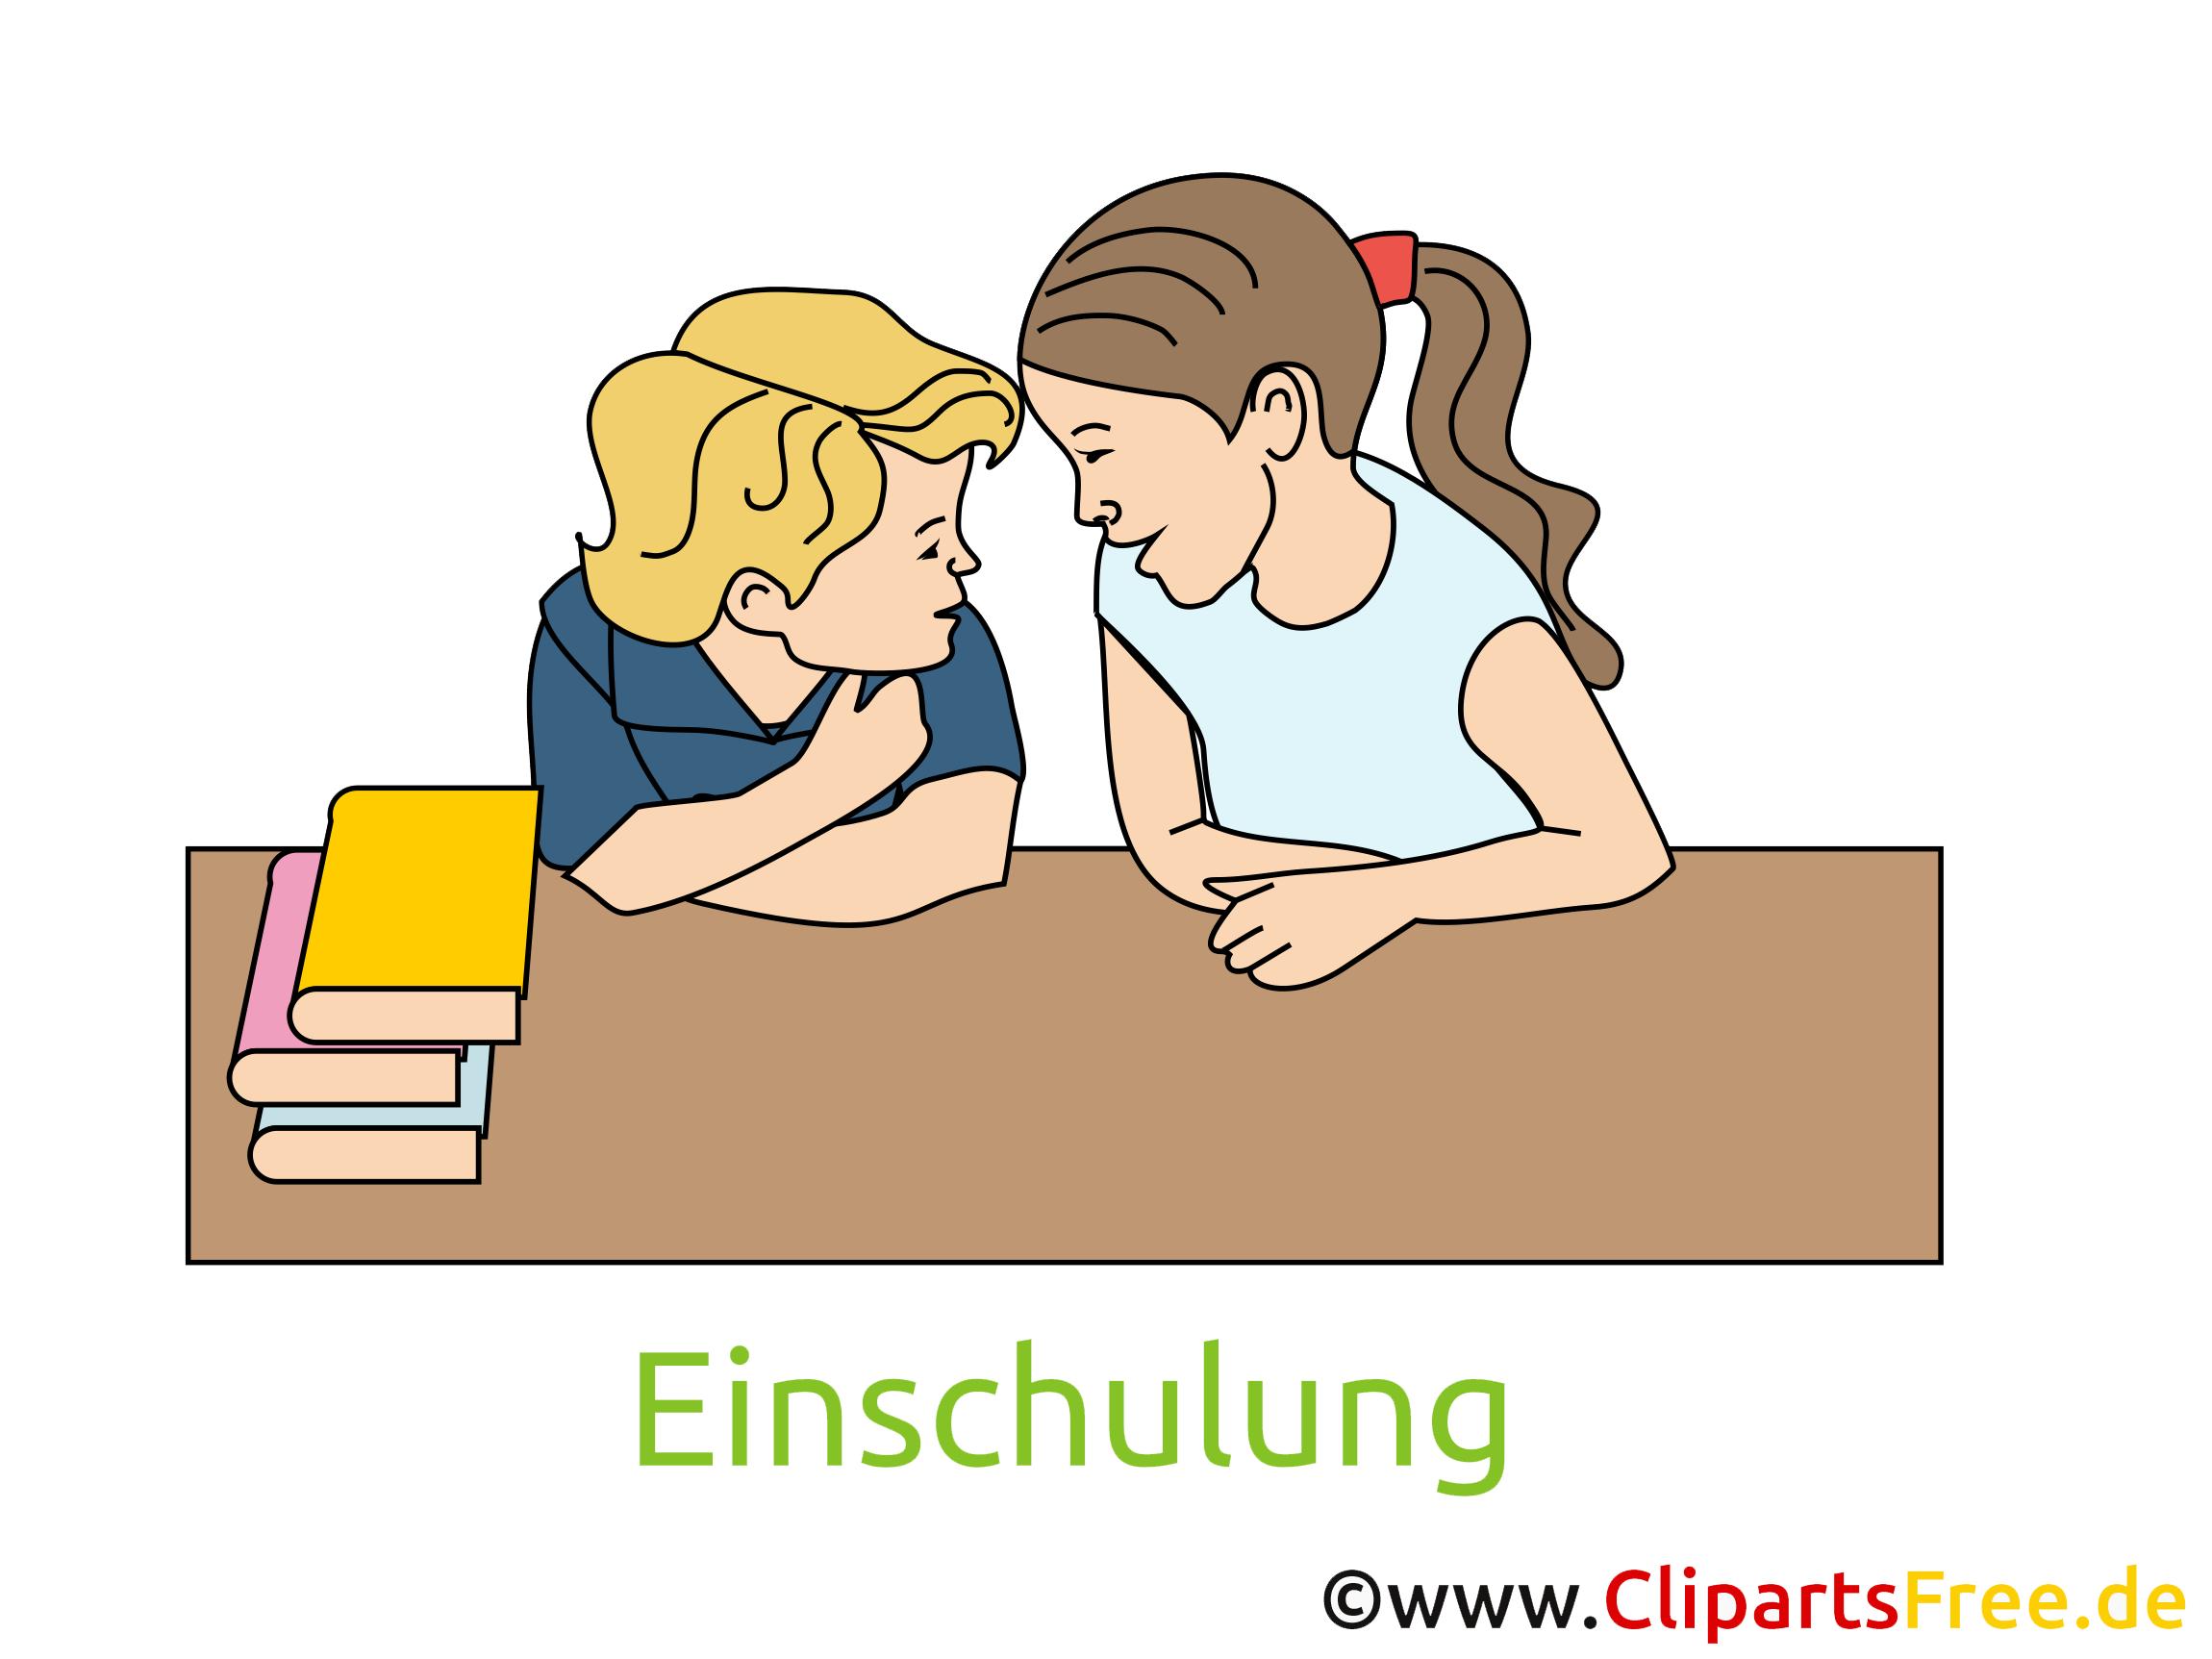 Schuleinführung Einladung, Clipart, Bild